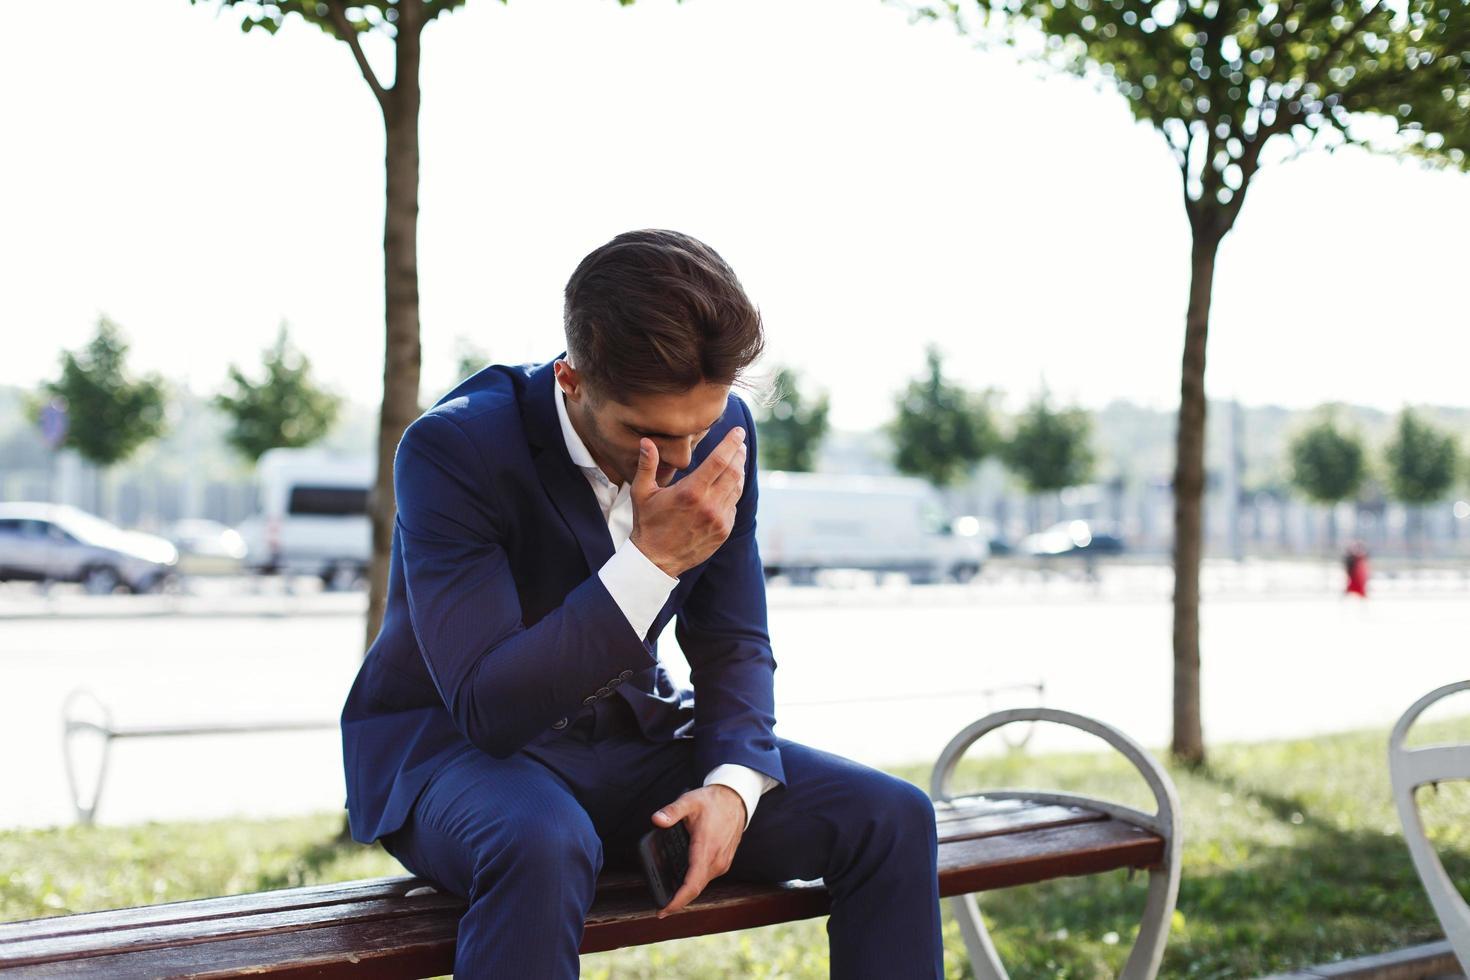 homme d'affaires triste est assis à l'extérieur de la rue photo